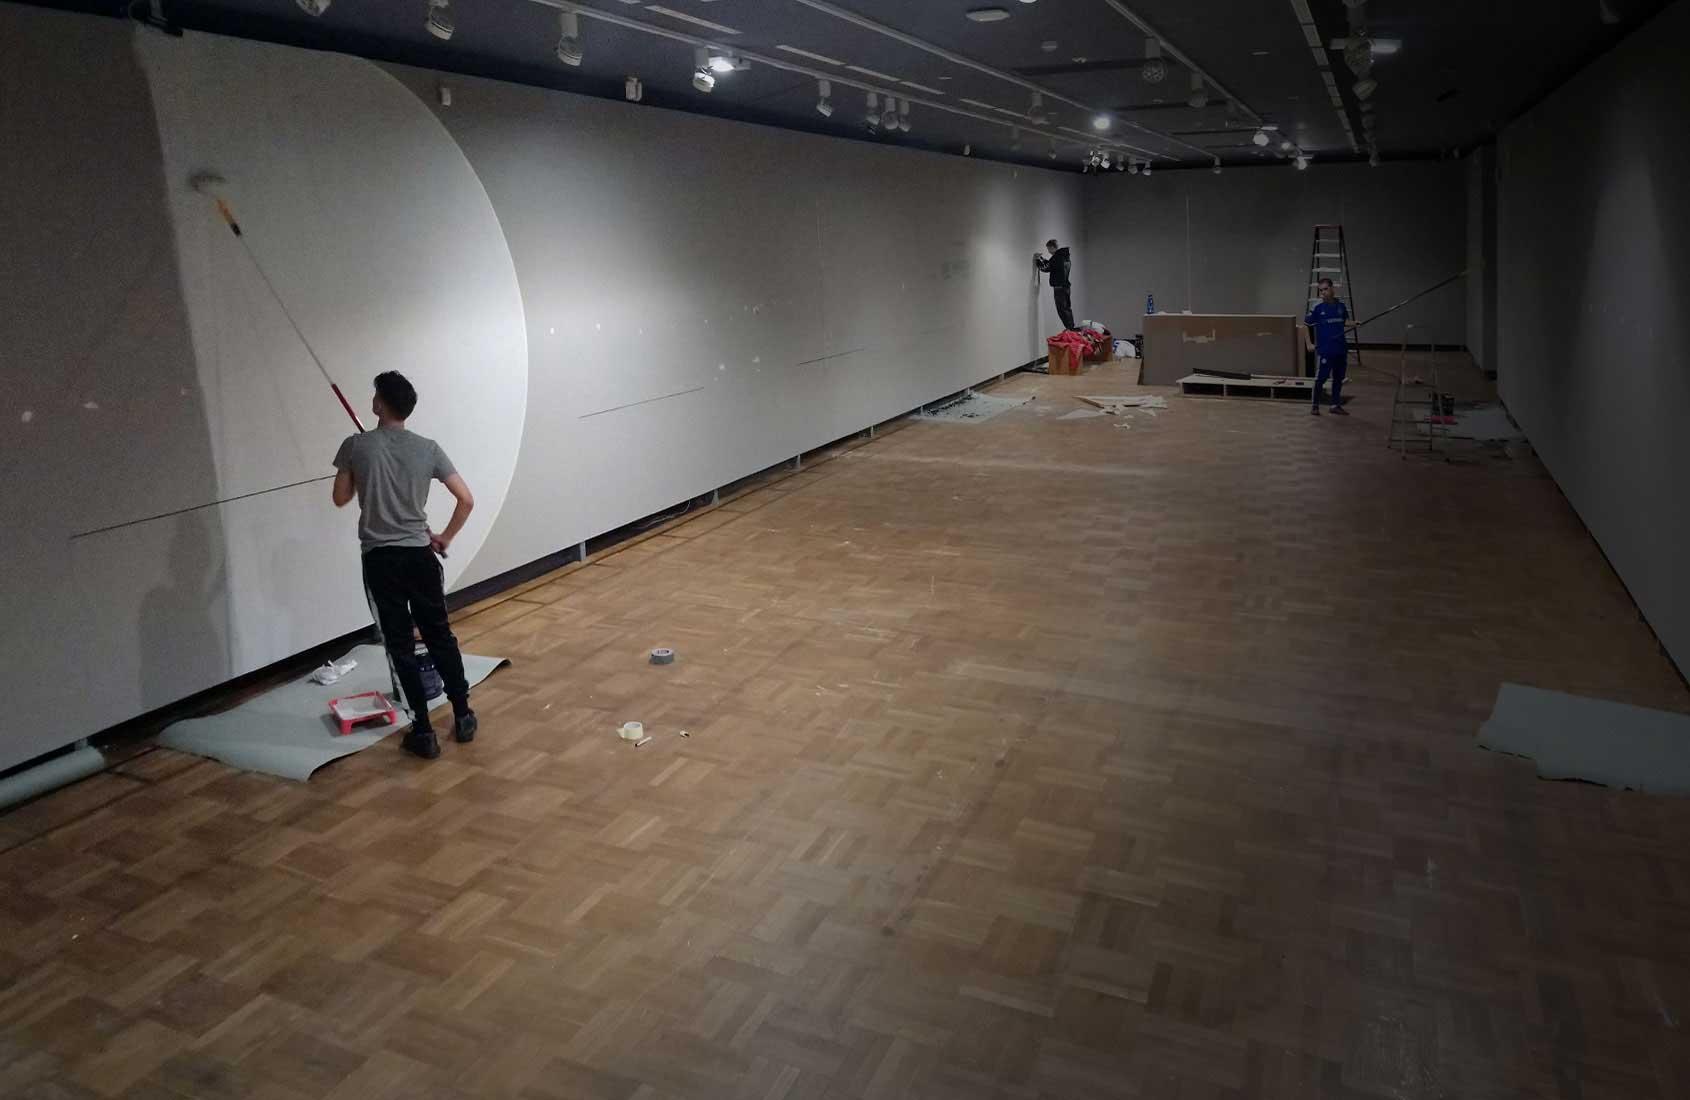 Muzeum Narodowe w Warszawie Malowanie IDEAMO